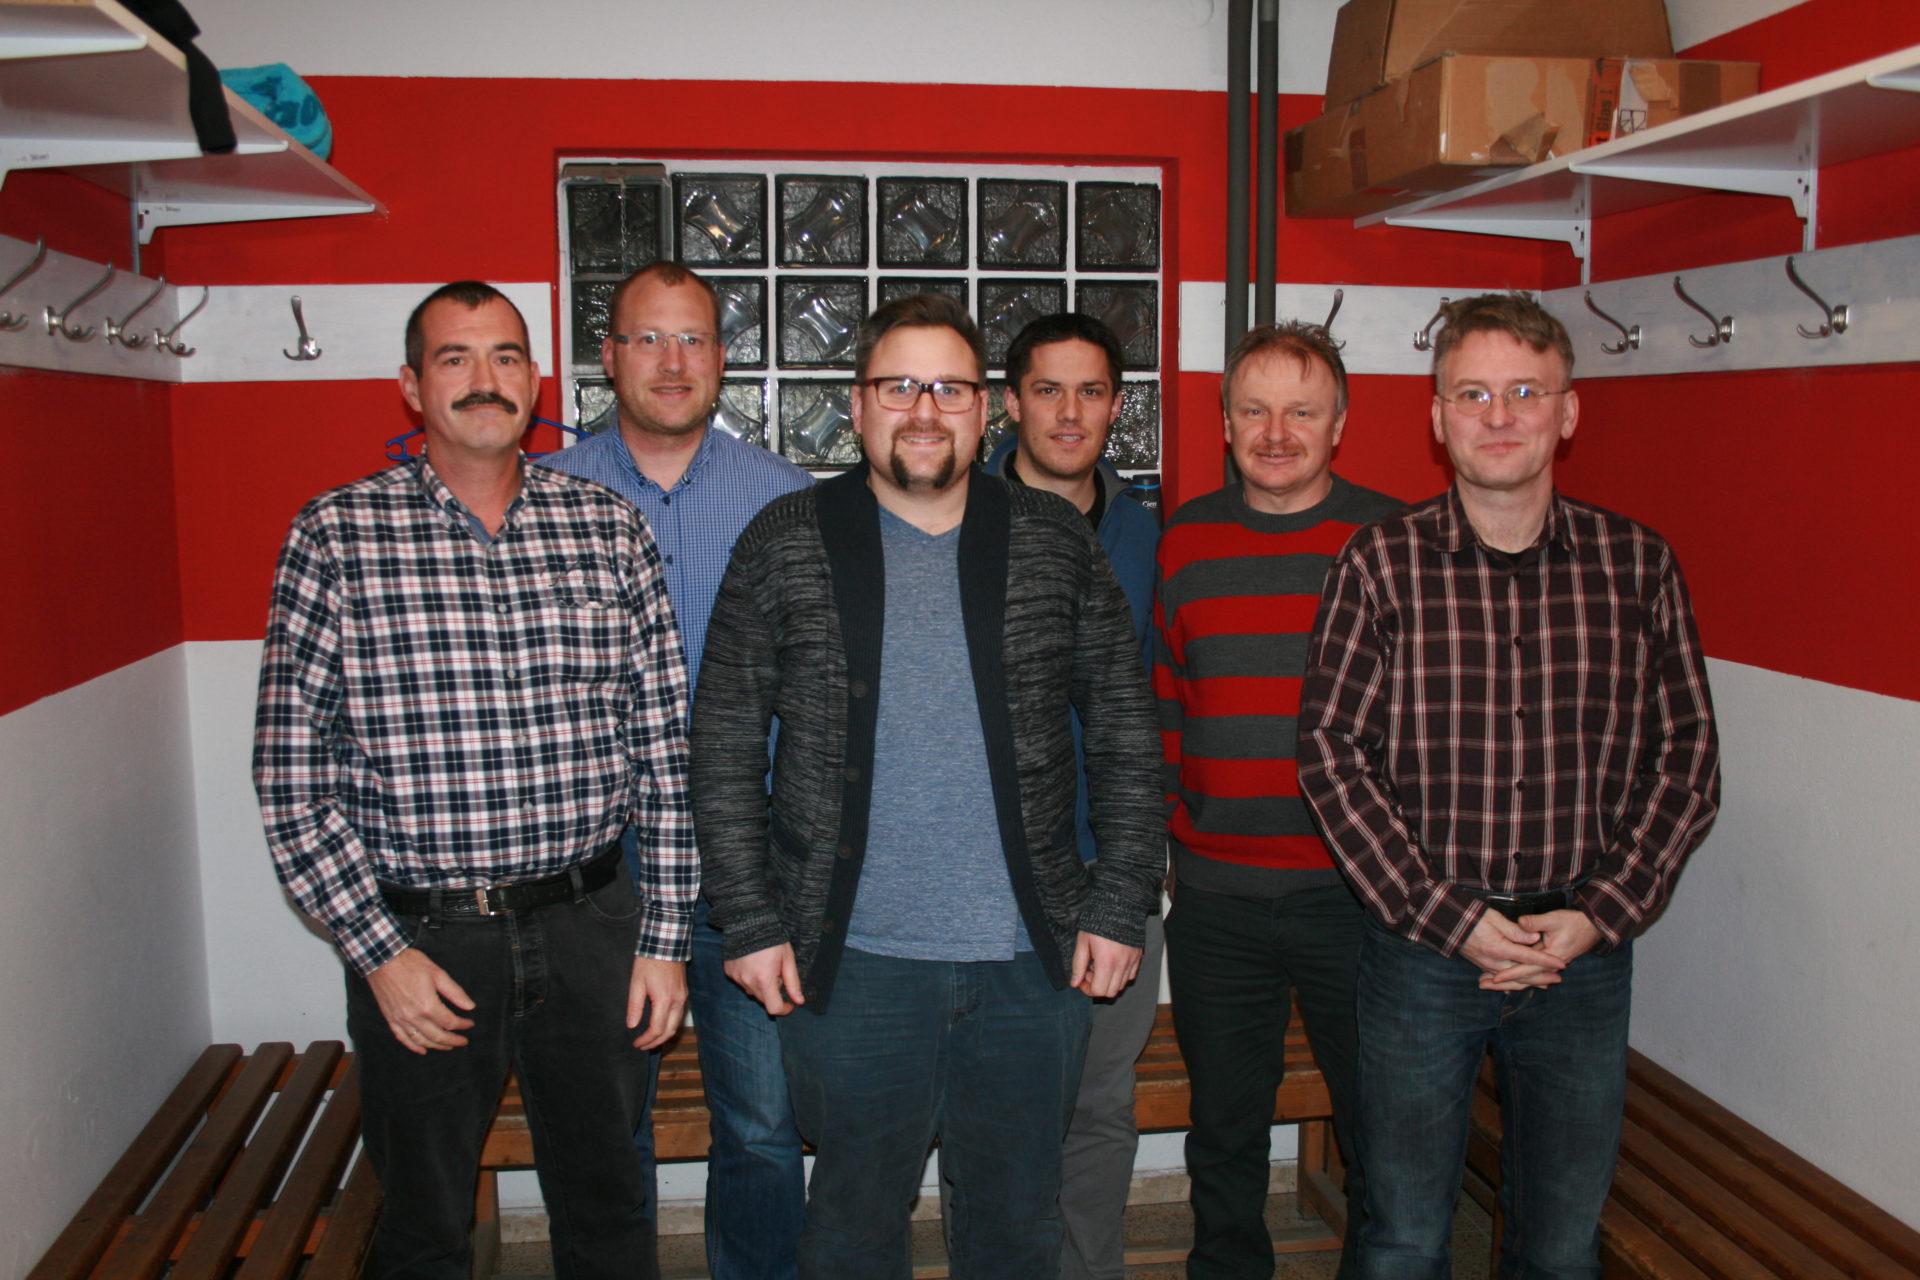 Der Kreisschiedsrichterausschuss wünscht ein frohes Weihnachtsfest, einen guten Rutsch und alles Gute für das Jahr 2017!